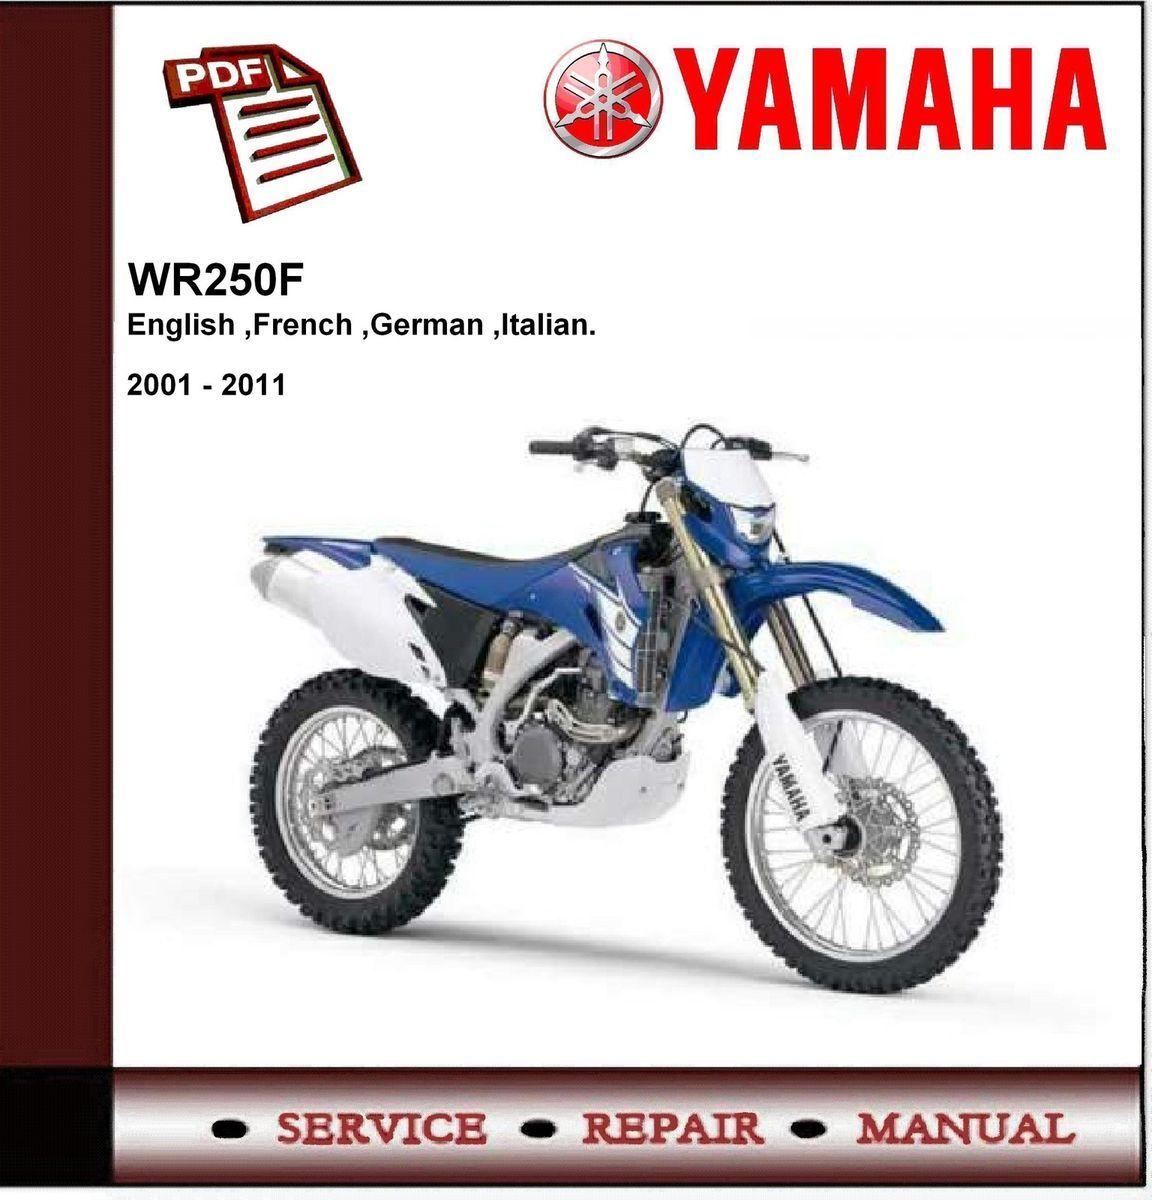 Yamaha Wr250 Wr250f 2001 2011 Workshop Service Manual Wiring Diagram